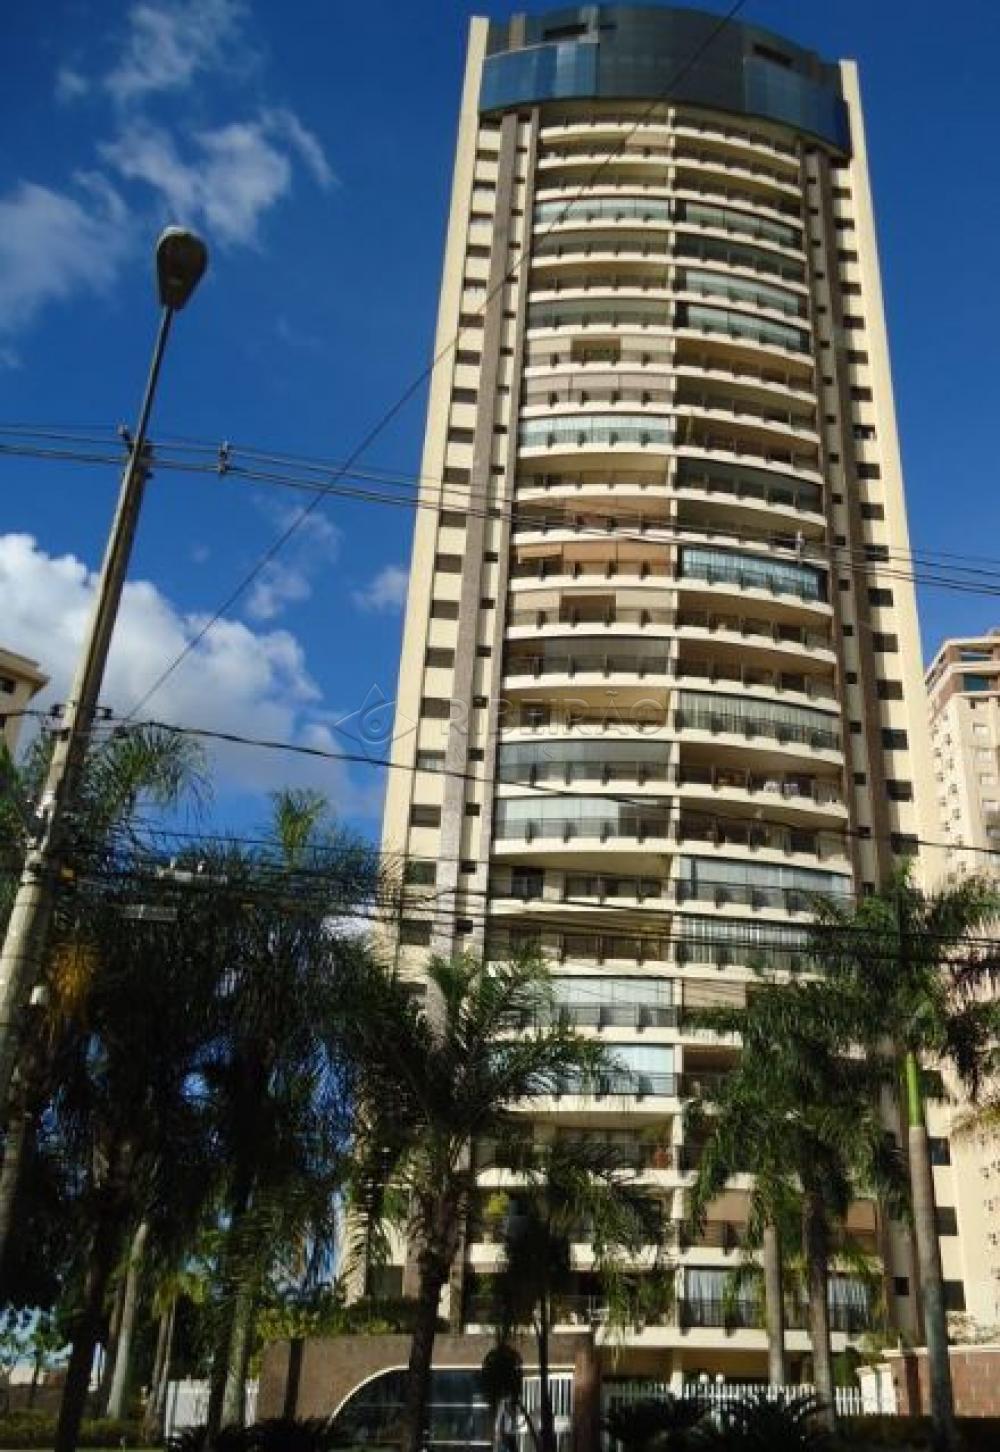 Ribeirao Preto Apartamento Venda R$1.250.000,00 Condominio R$2.180,33 3 Dormitorios 3 Suites Area construida 239.69m2